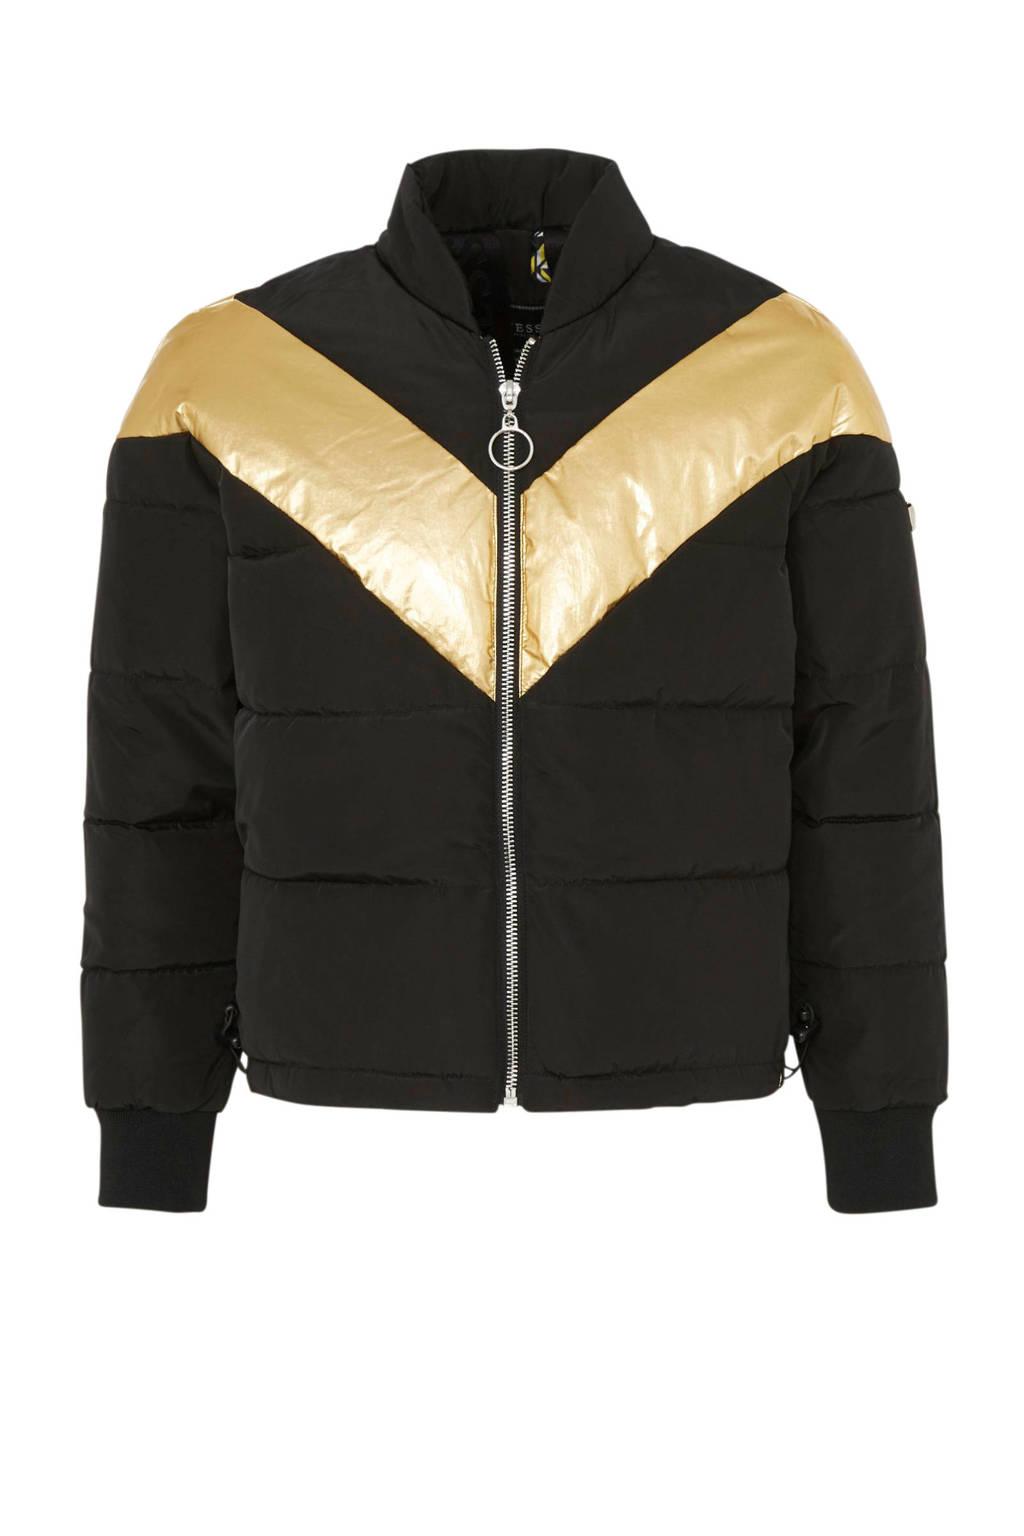 GUESS winterjas zwart/ goud